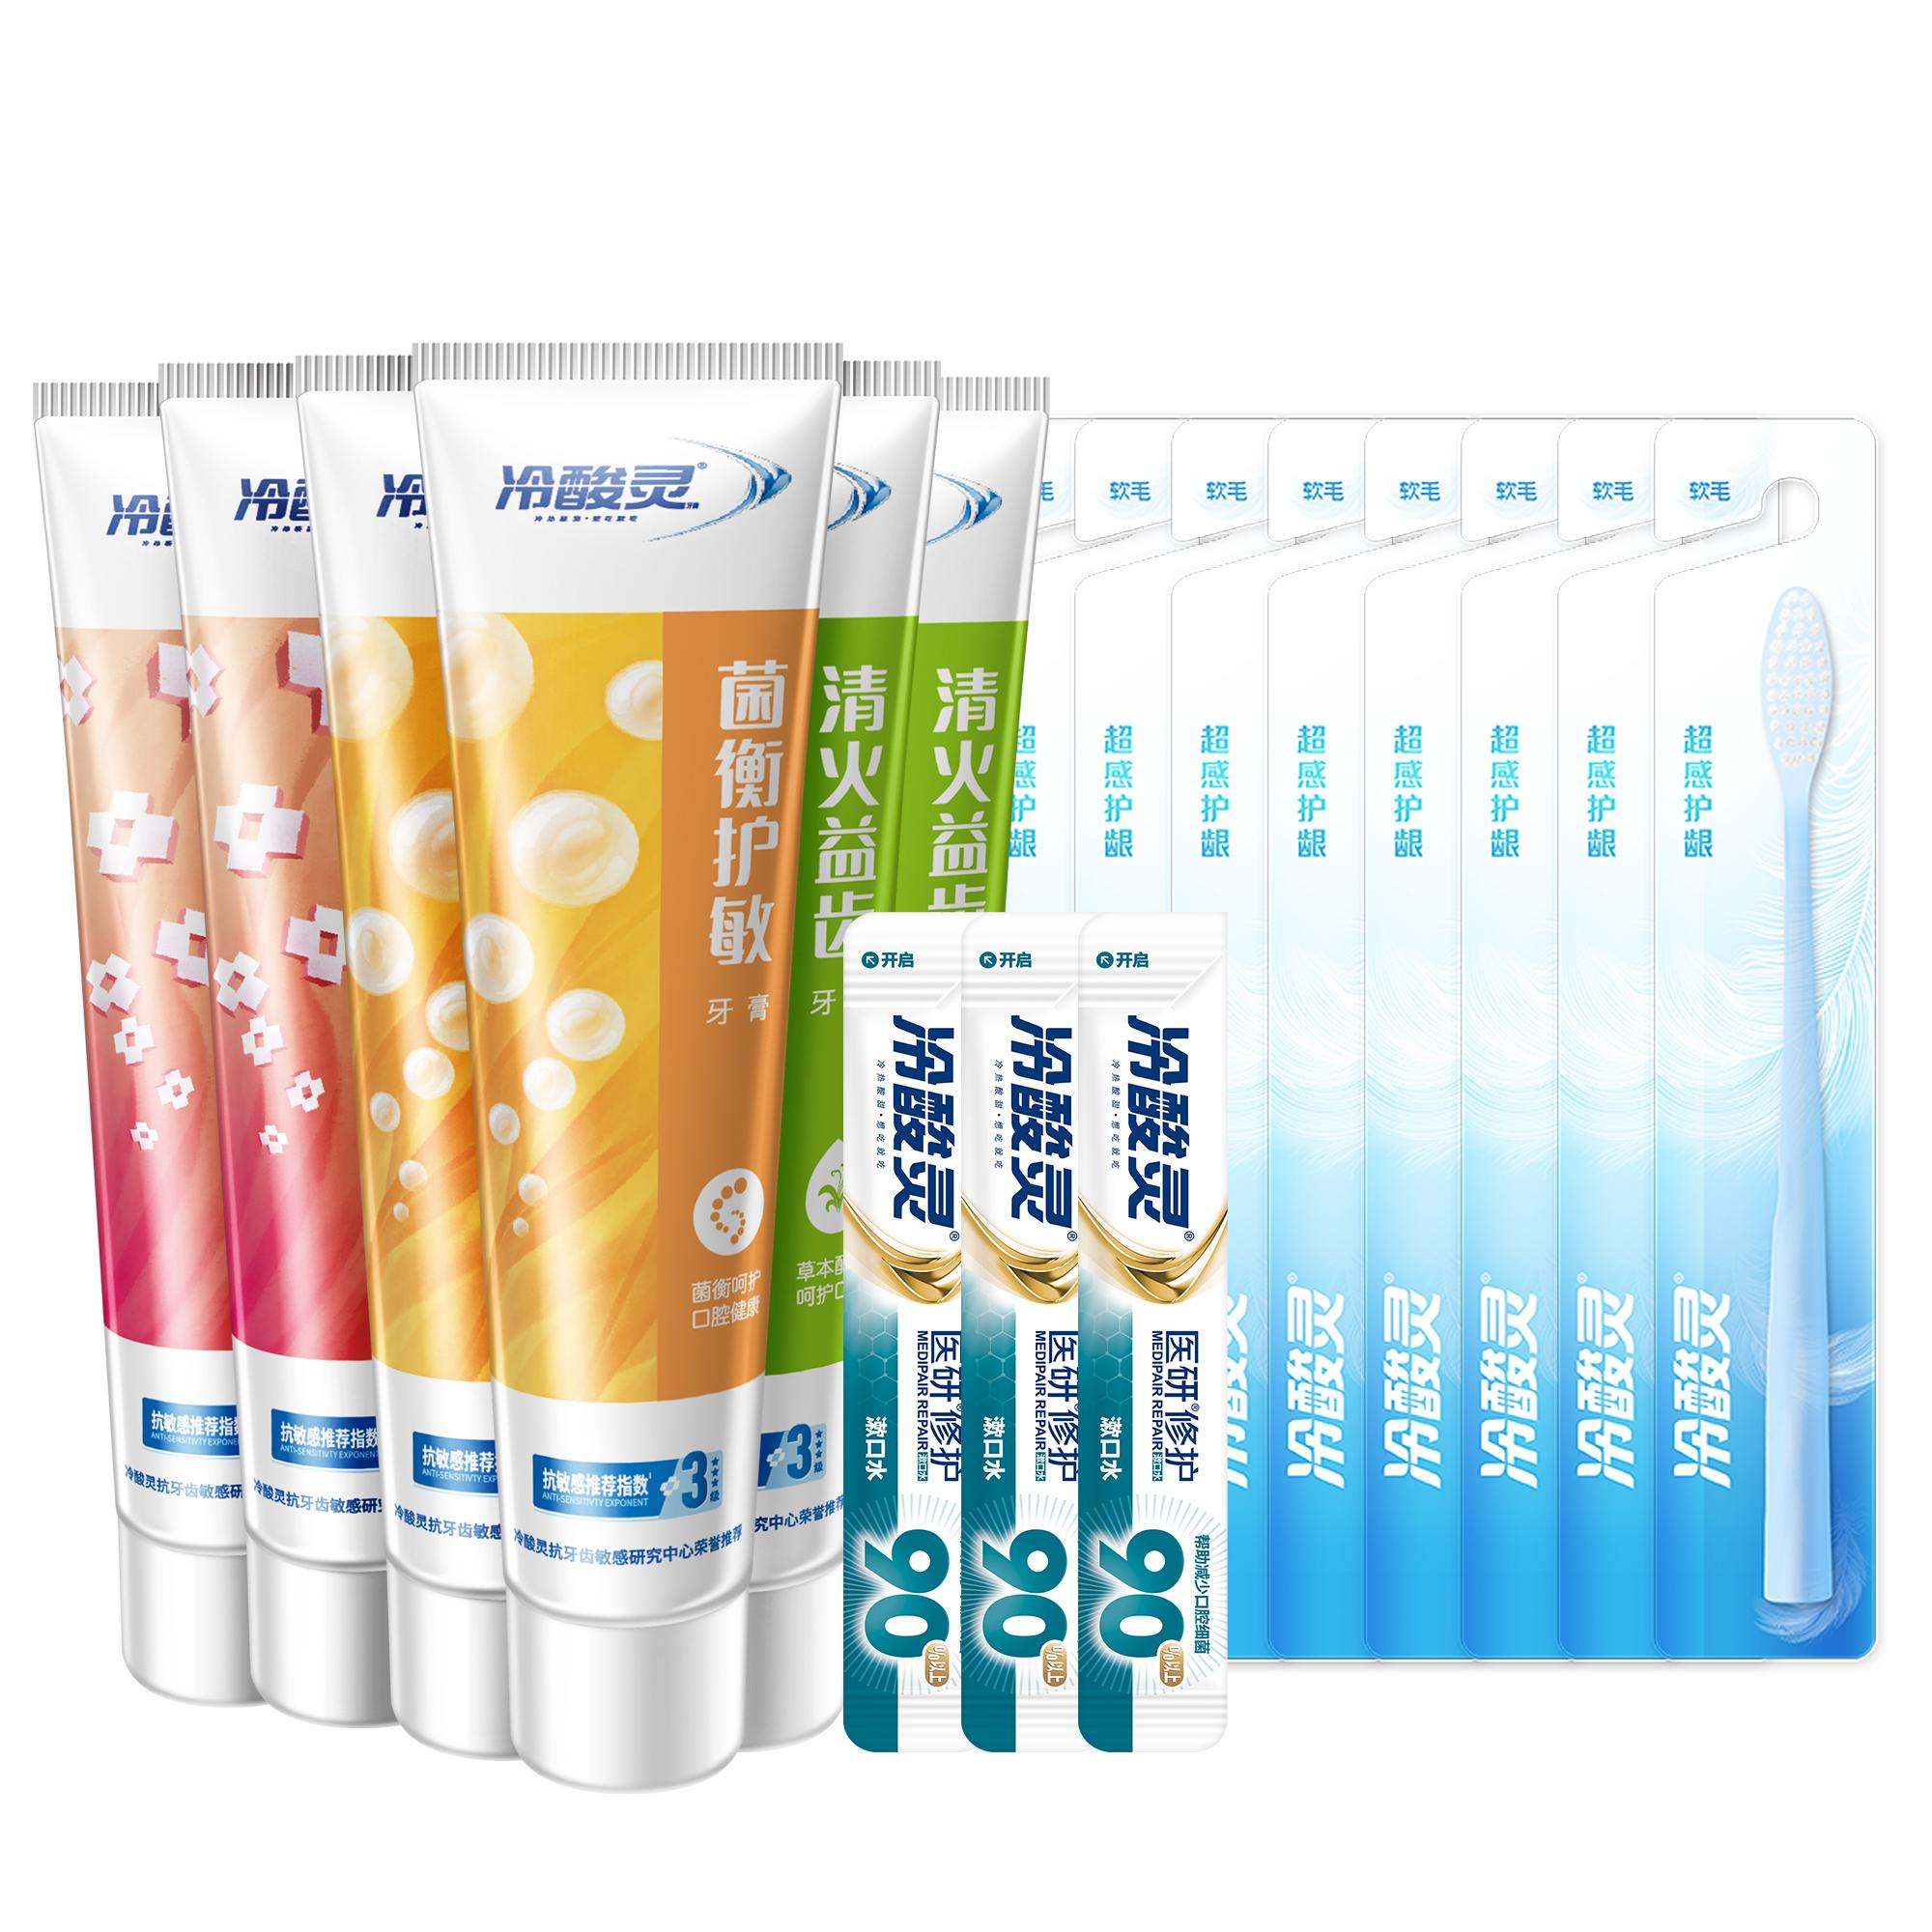 【双11预售】冷酸灵抗敏感牙膏17件套定金+尾款39.9元包邮